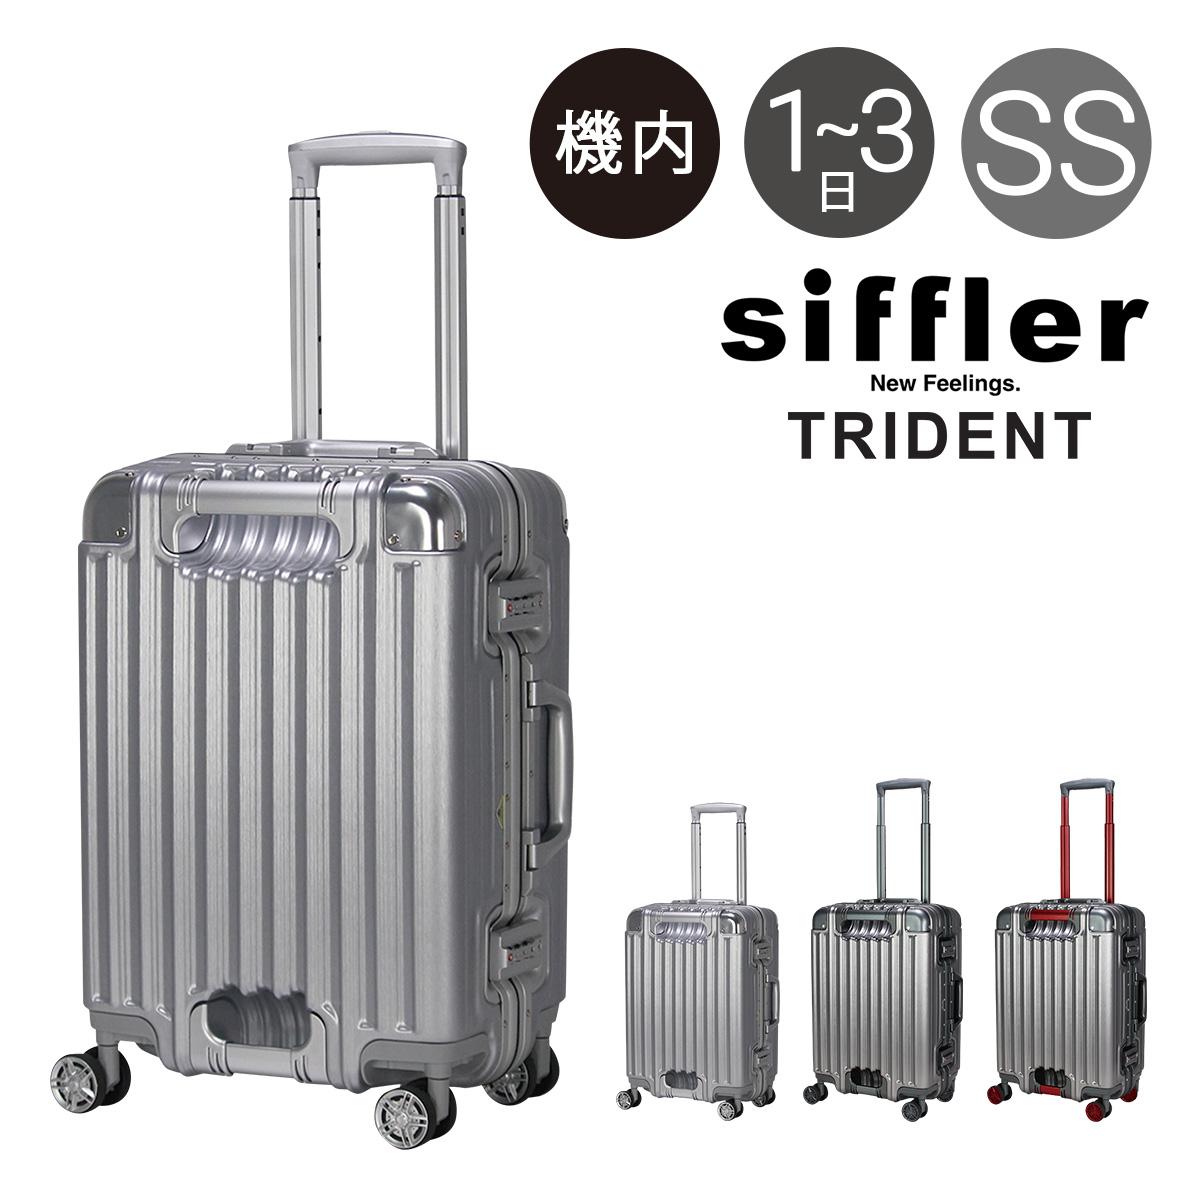 シフレ スーツケース 4輪|機内持ち込み 28L 48cm 4.0kg トライデント TRI1102-48|軽量 ハード フレーム Siffler|TSAロック搭載 キャリーバッグ キャリーケース